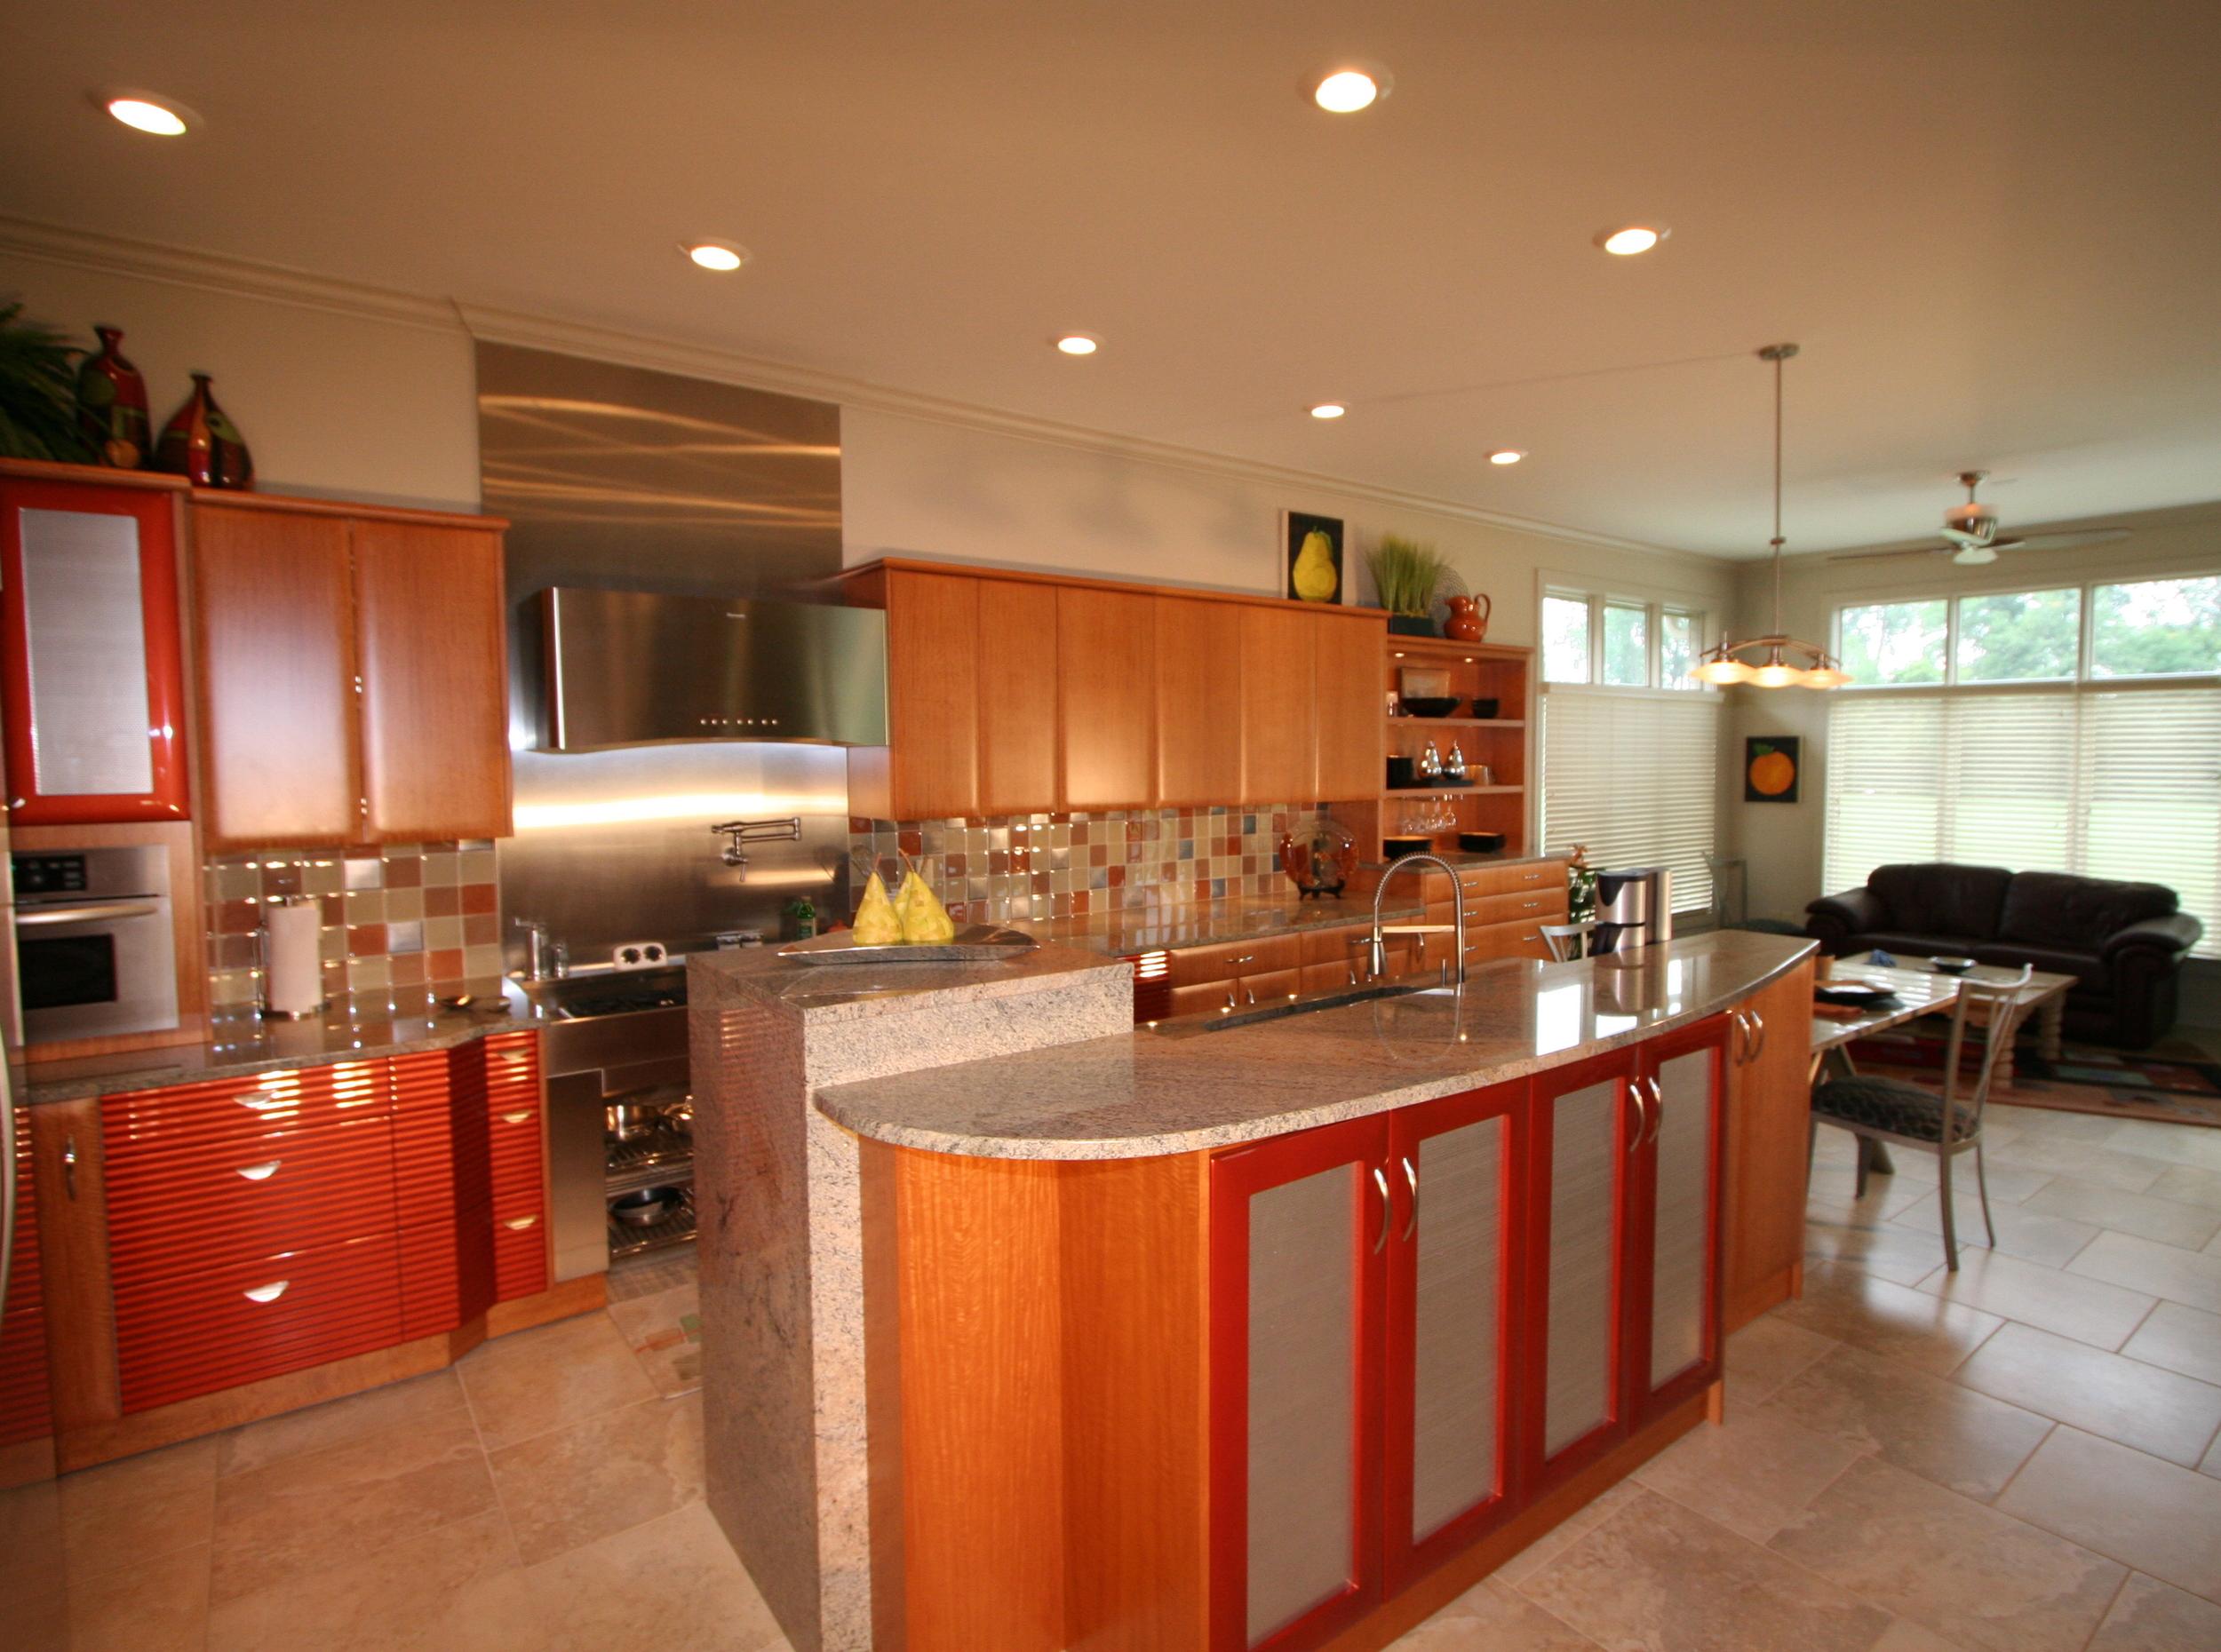 kitchens y zhahn kitchen # 6.jpg